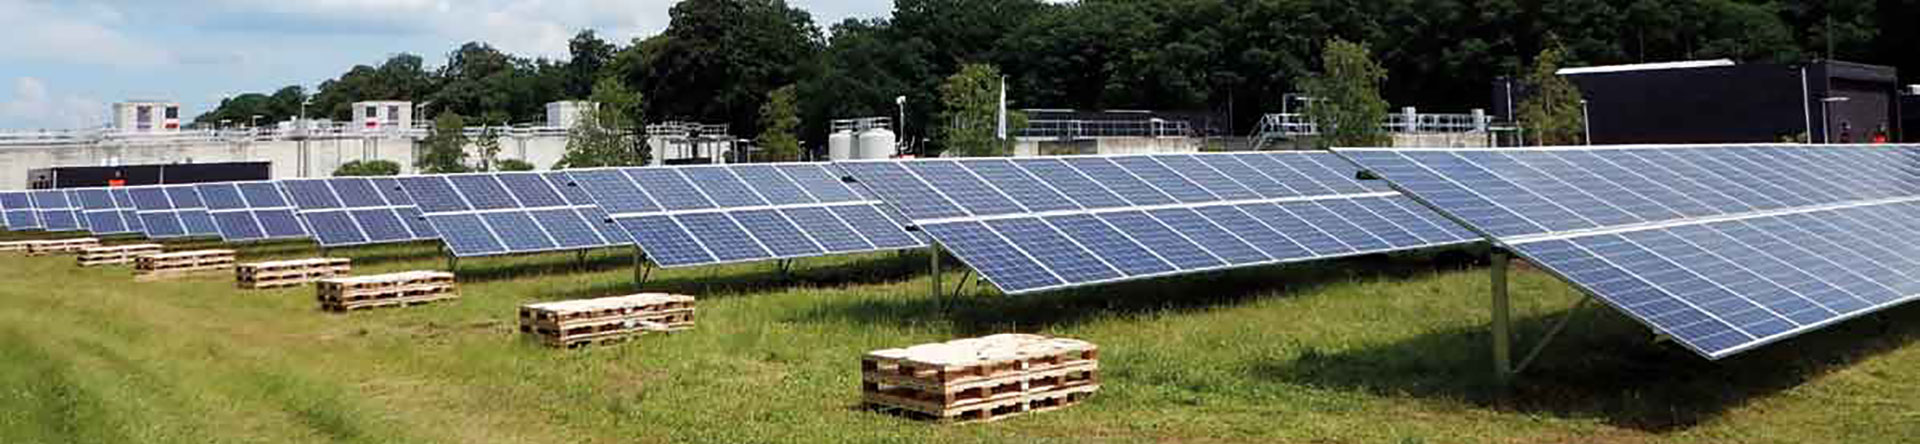 Bewonersparticipatie zonneweiden en windturbines